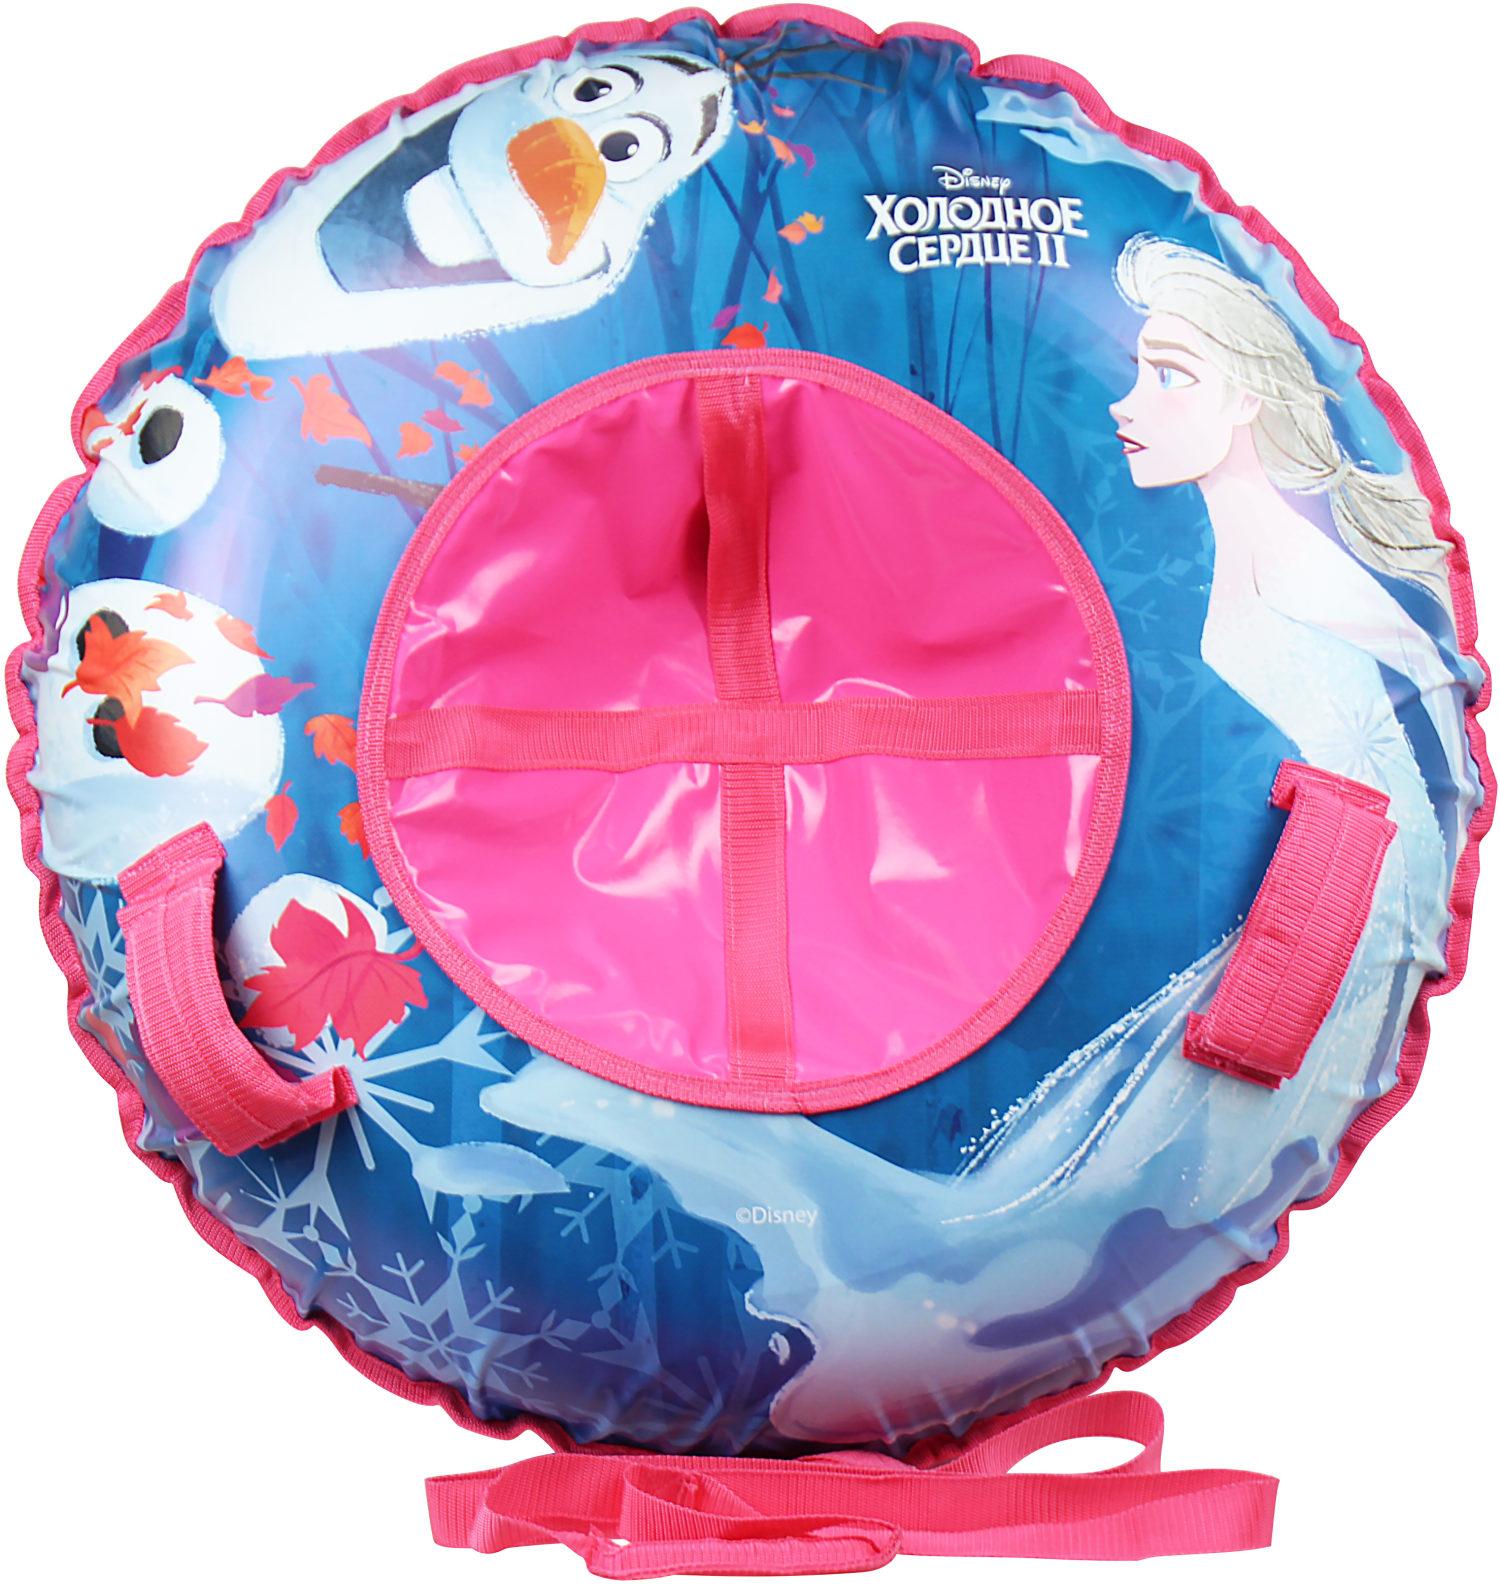 Купить DISNEY Холодное сердце тюбинг 100см - надувные сани, 1toy, Китай